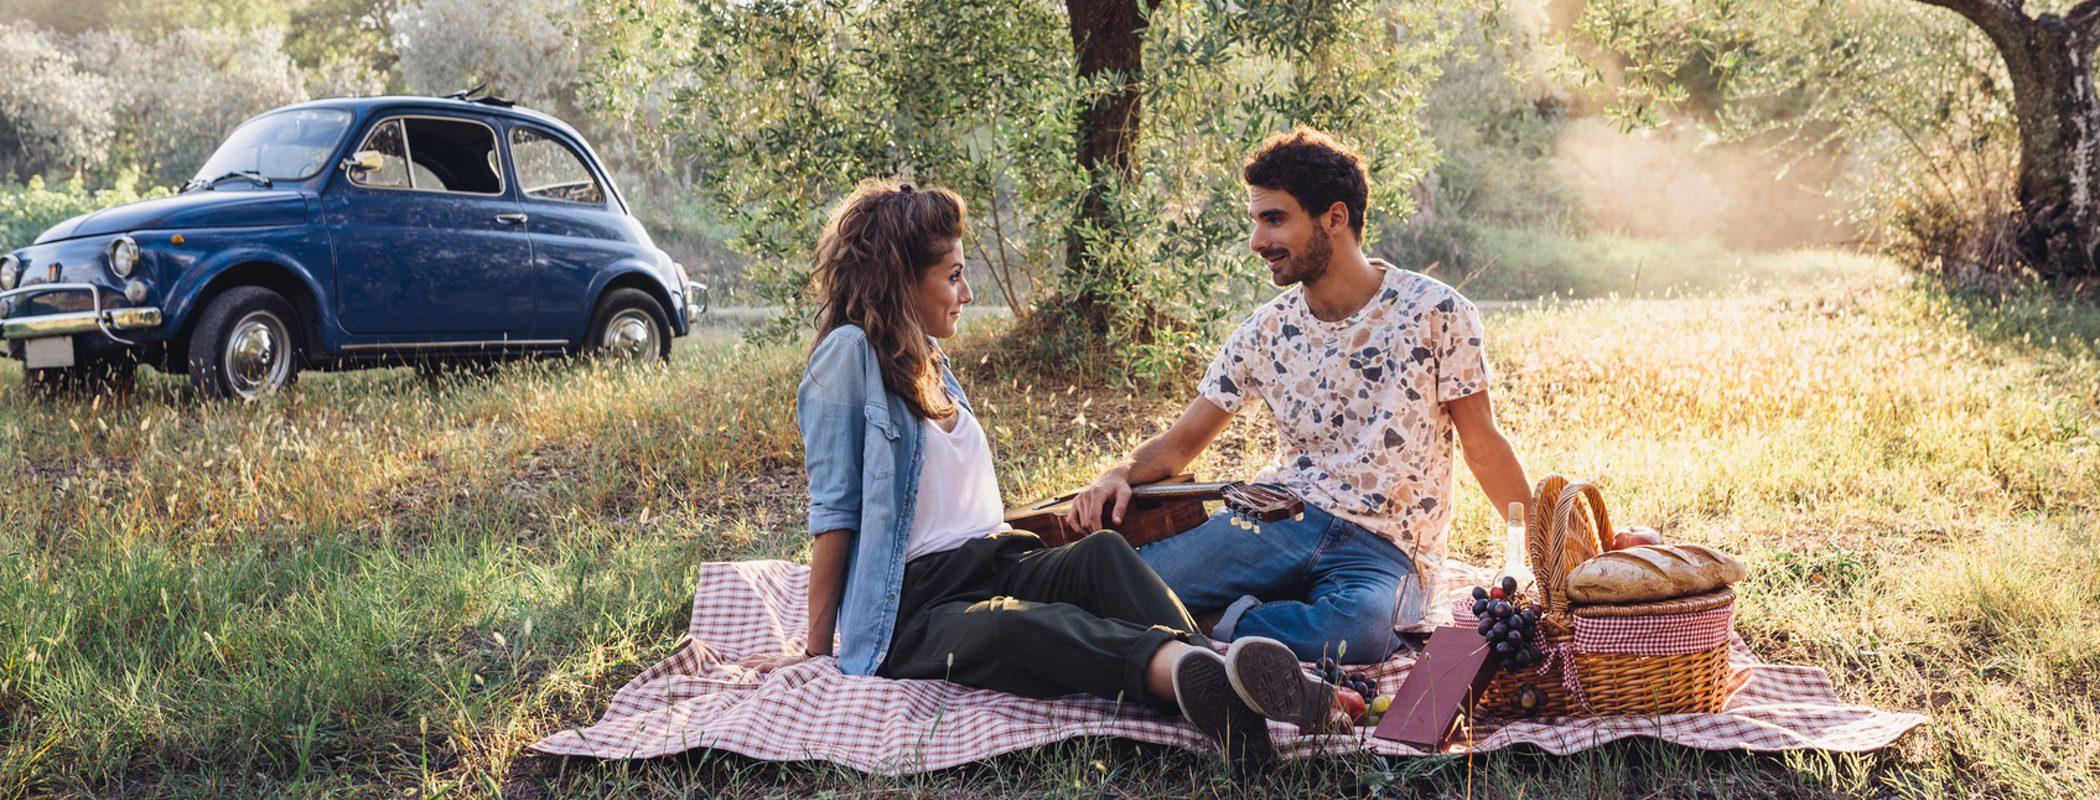 5 detalles para mi novio bekia pareja for Cena romantica para mi novio